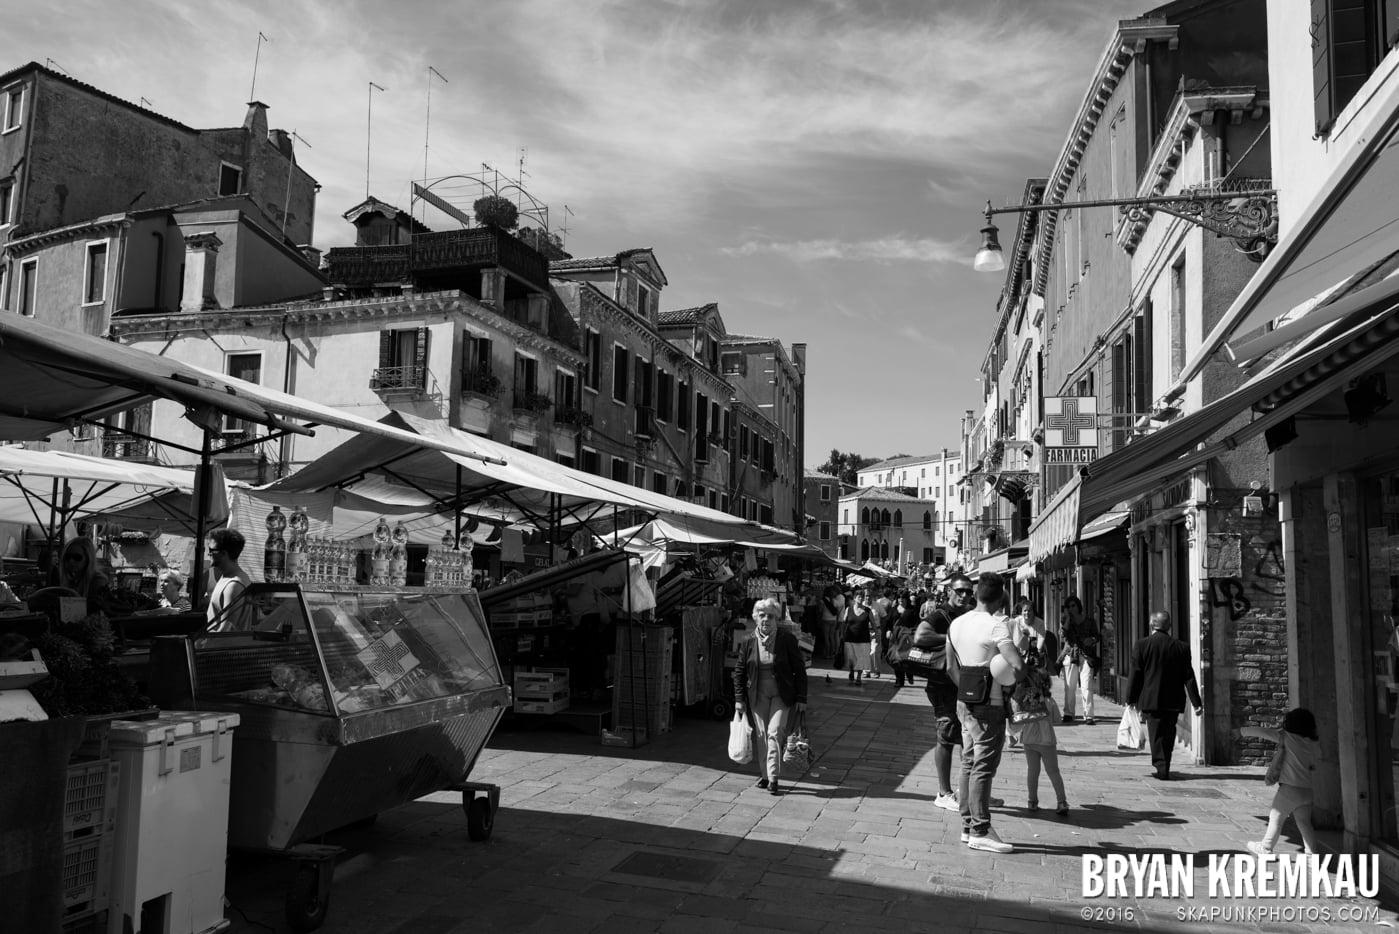 Italy Vacation - Day 5: Venice - 9.13.13 (58)